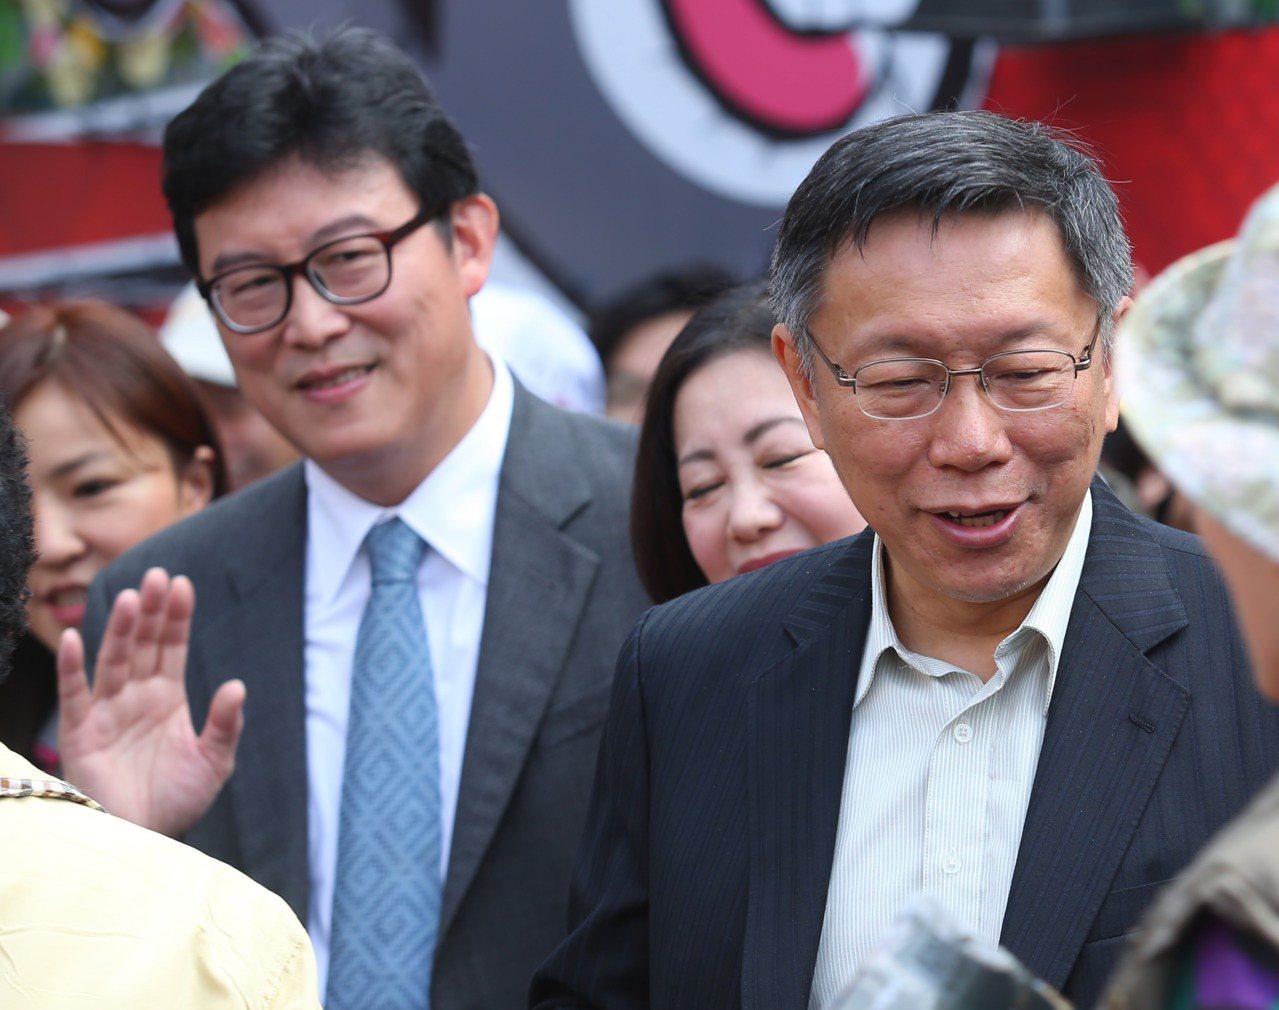 台北市長柯文哲(右)與有意參選台北市長的民進黨立委姚文智(左)。 聯合報系資料照